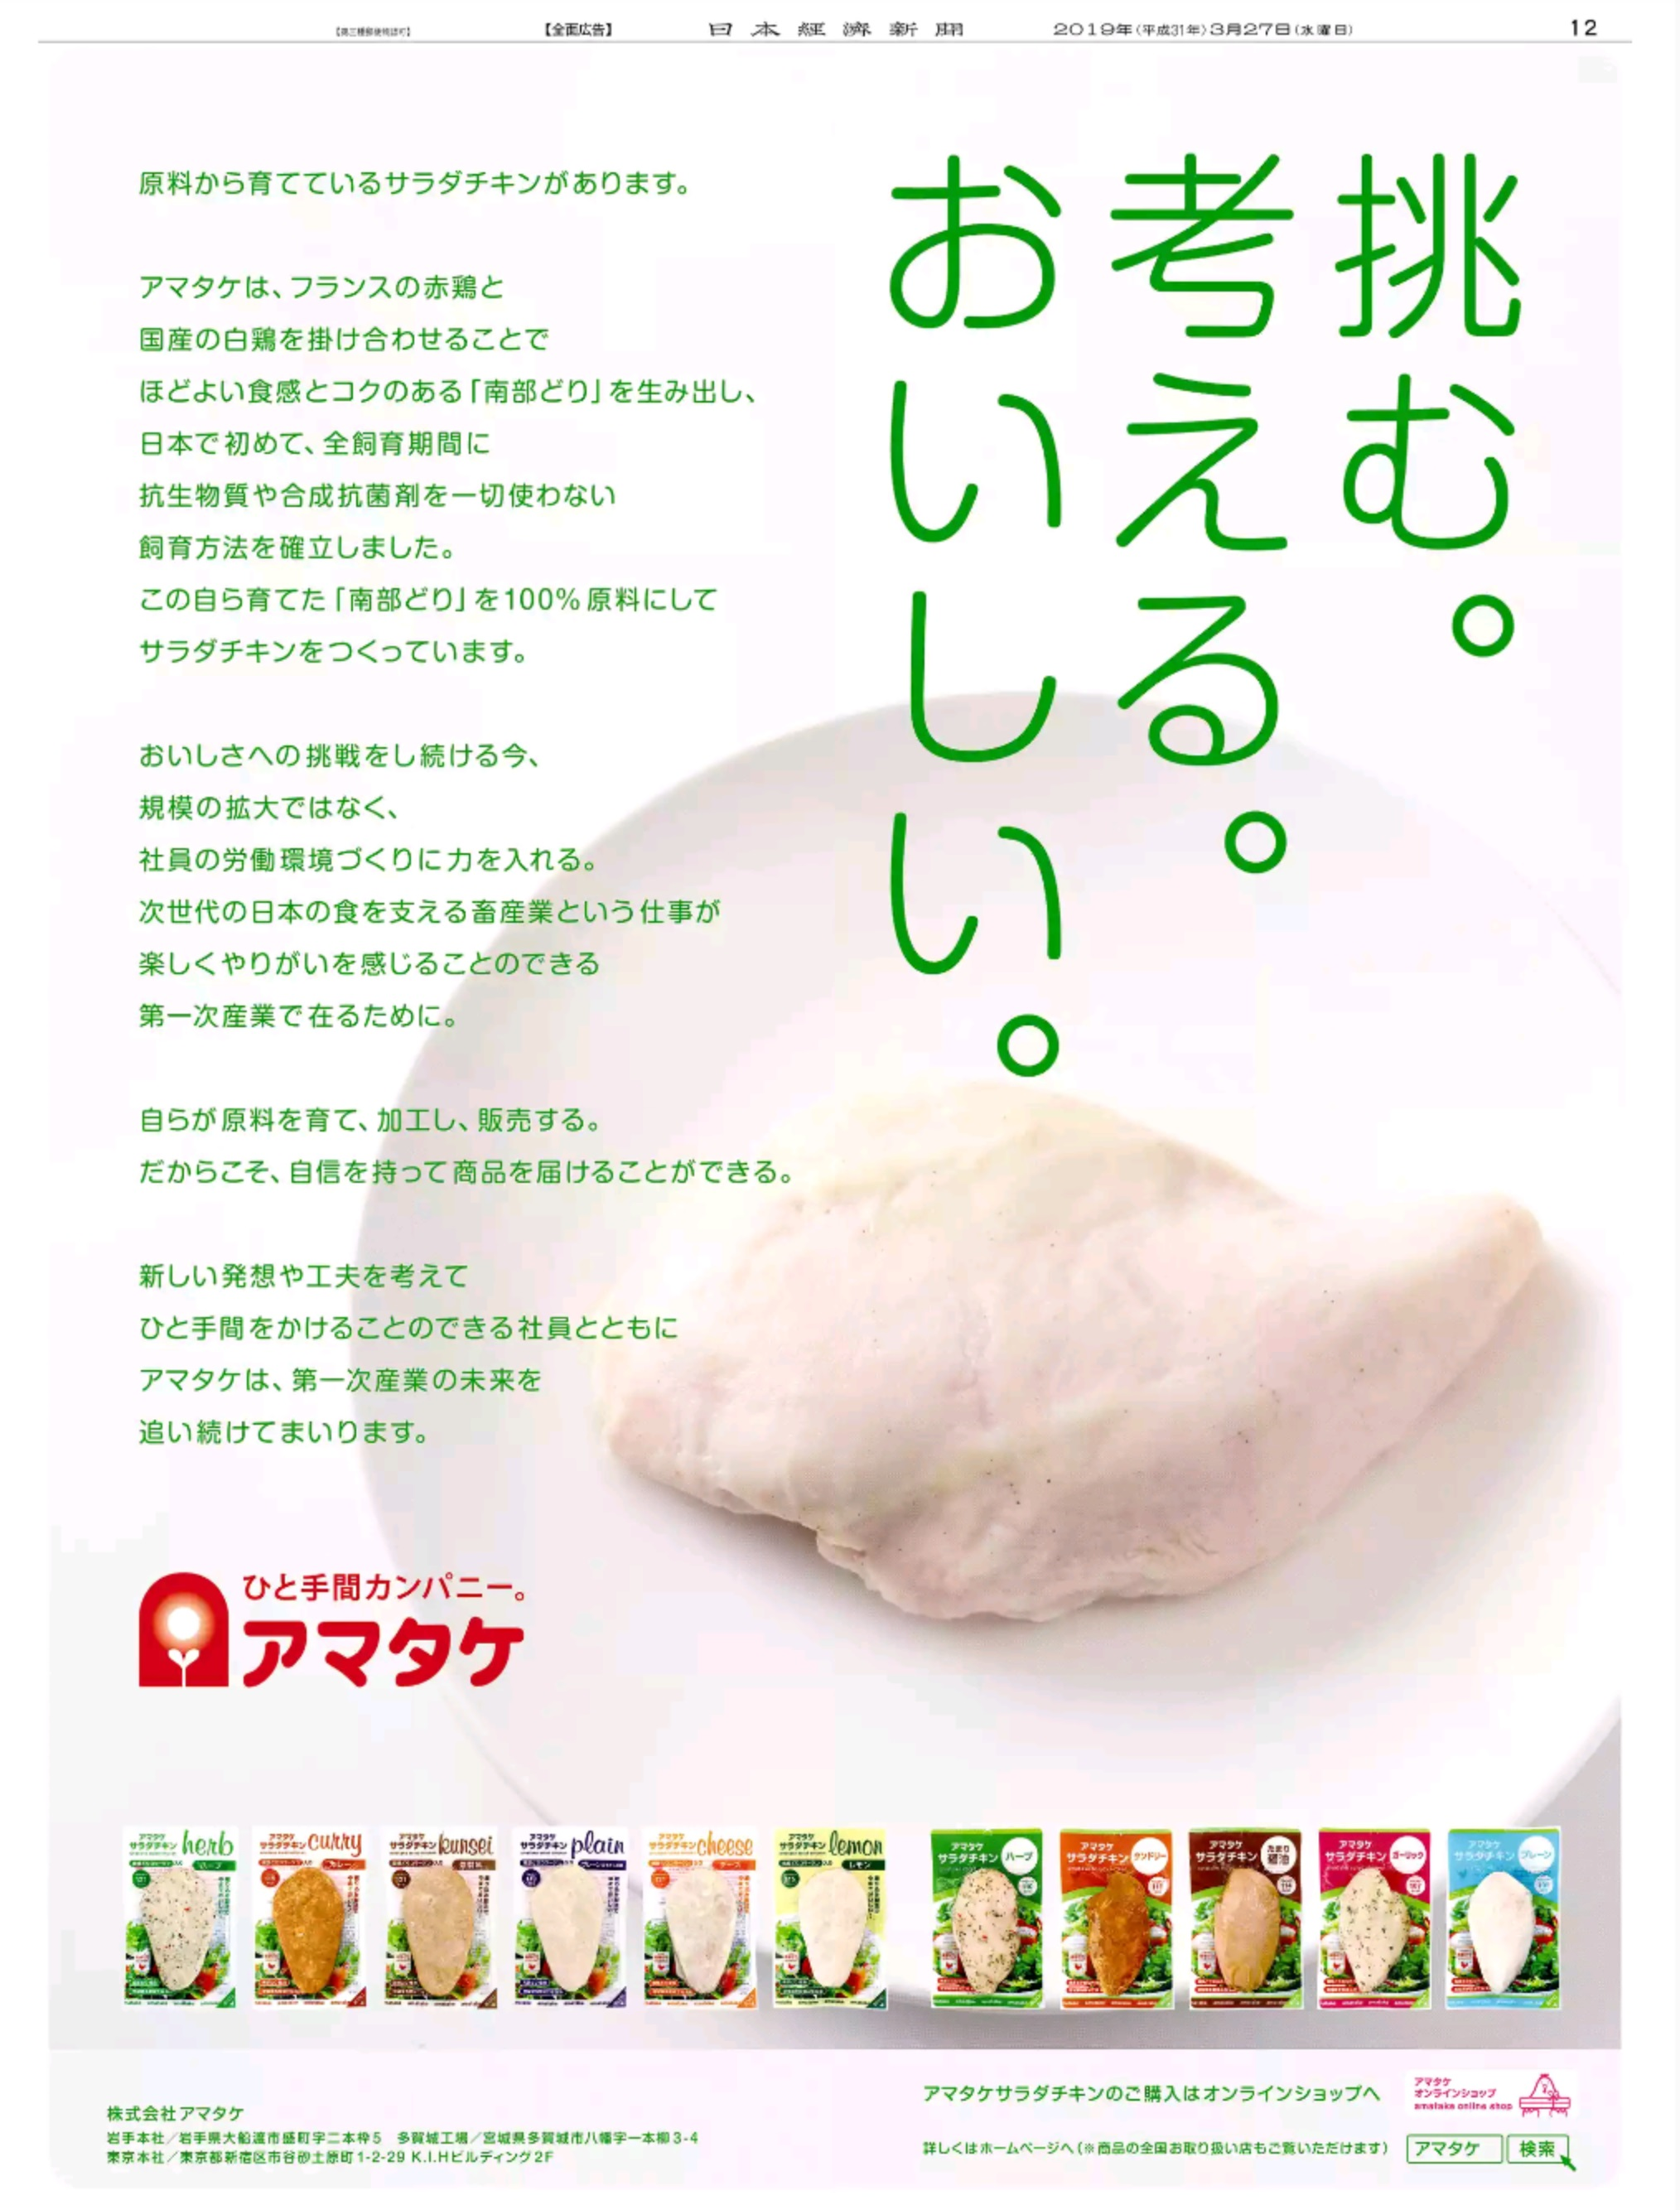 【新聞掲載のご案内】日本経済新聞にサラダチキンの広告を掲載致しました。